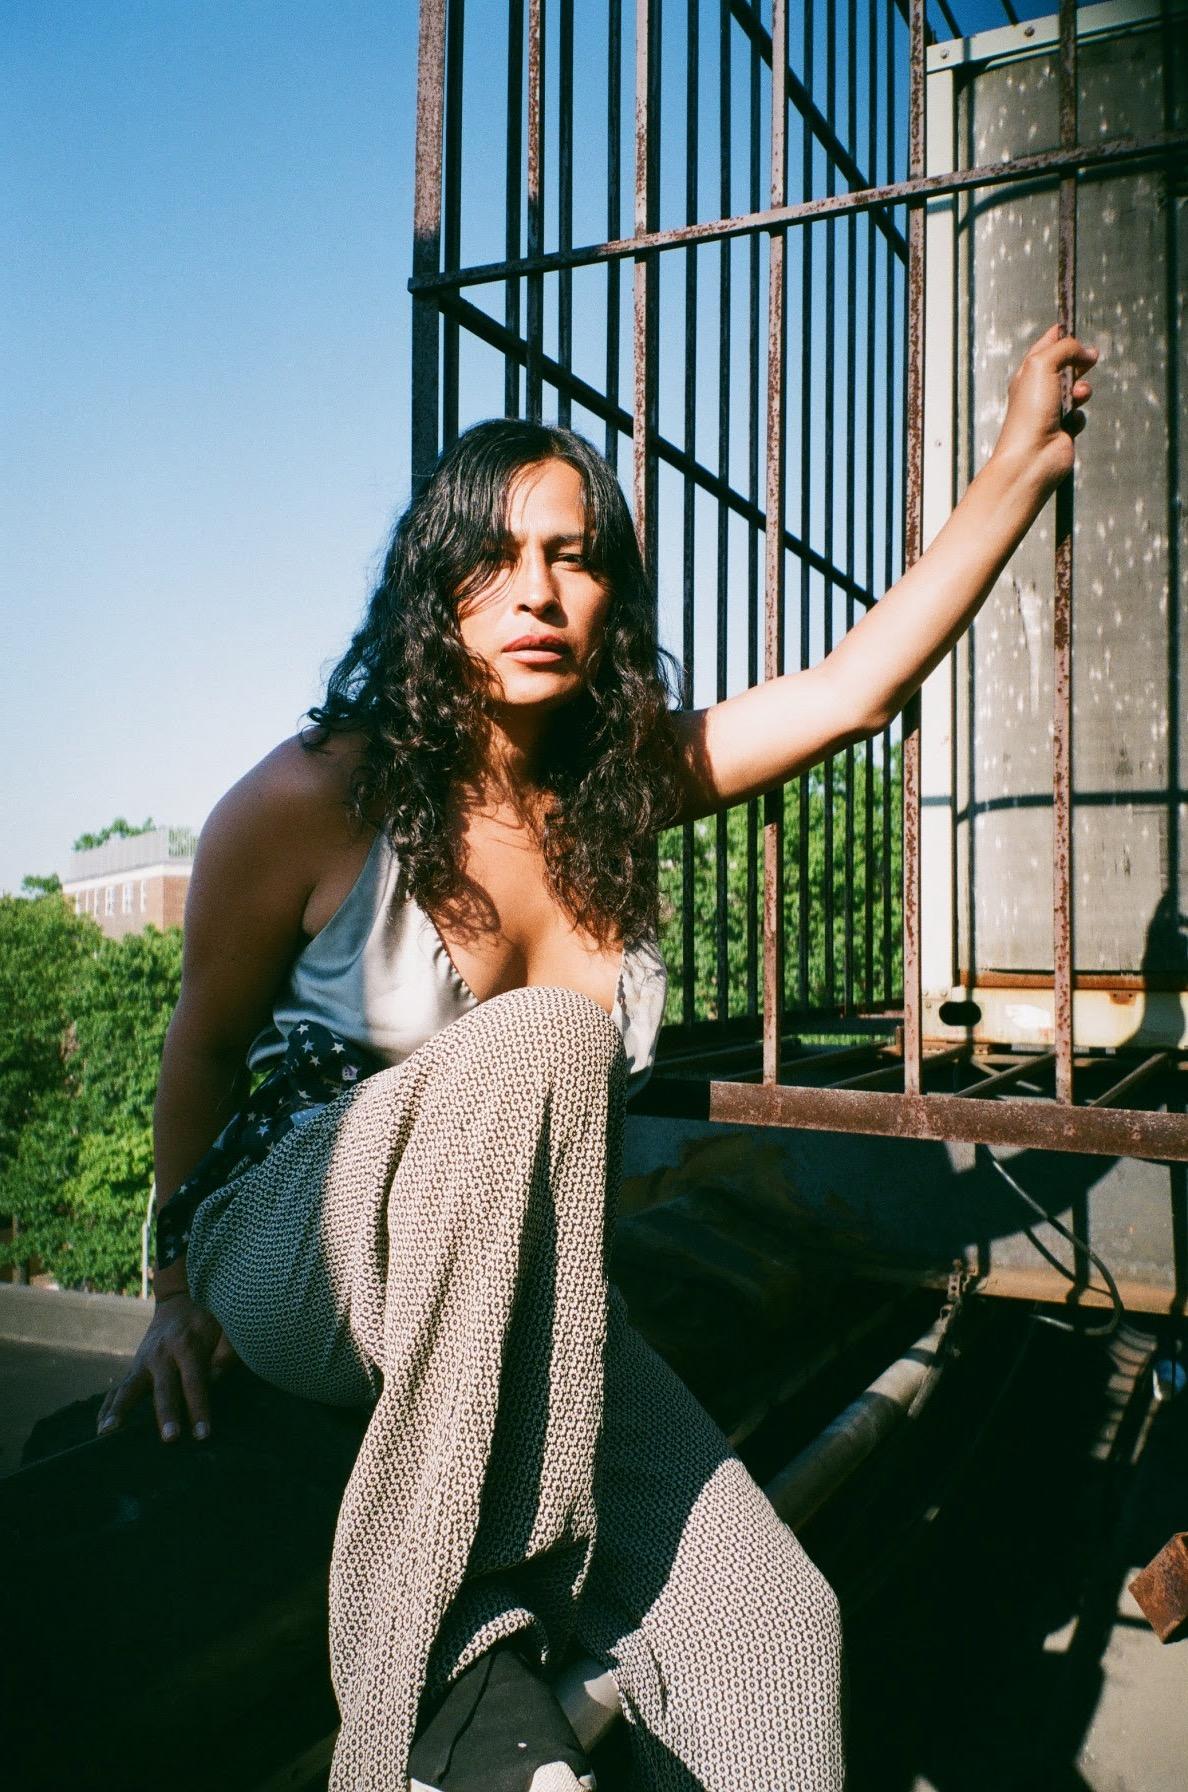 Sofia en el techo 1.jpg